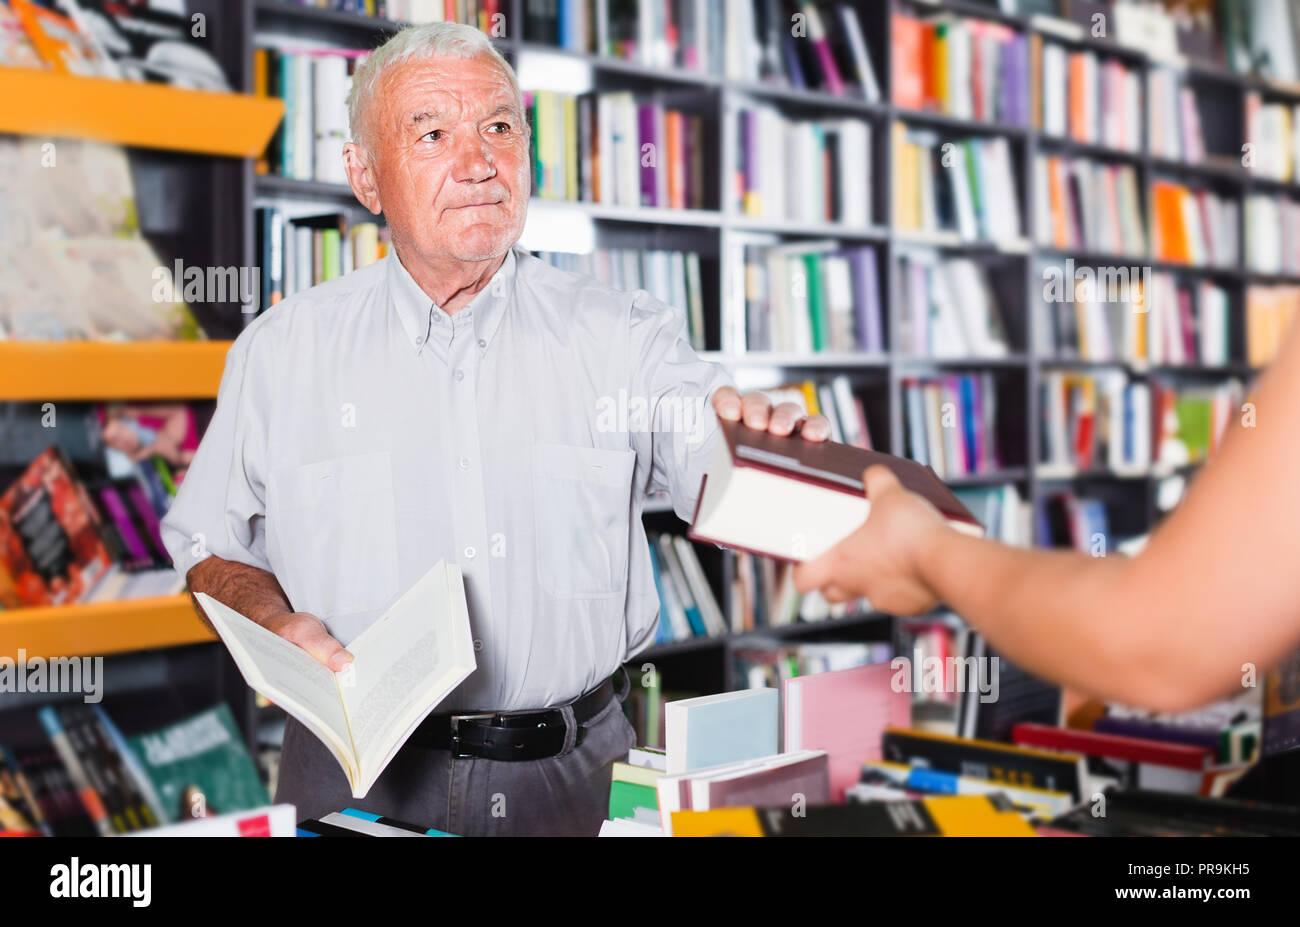 7f4bd1a6a1 Hombre maduro está comprando el libro en la librería Foto & Imagen ...